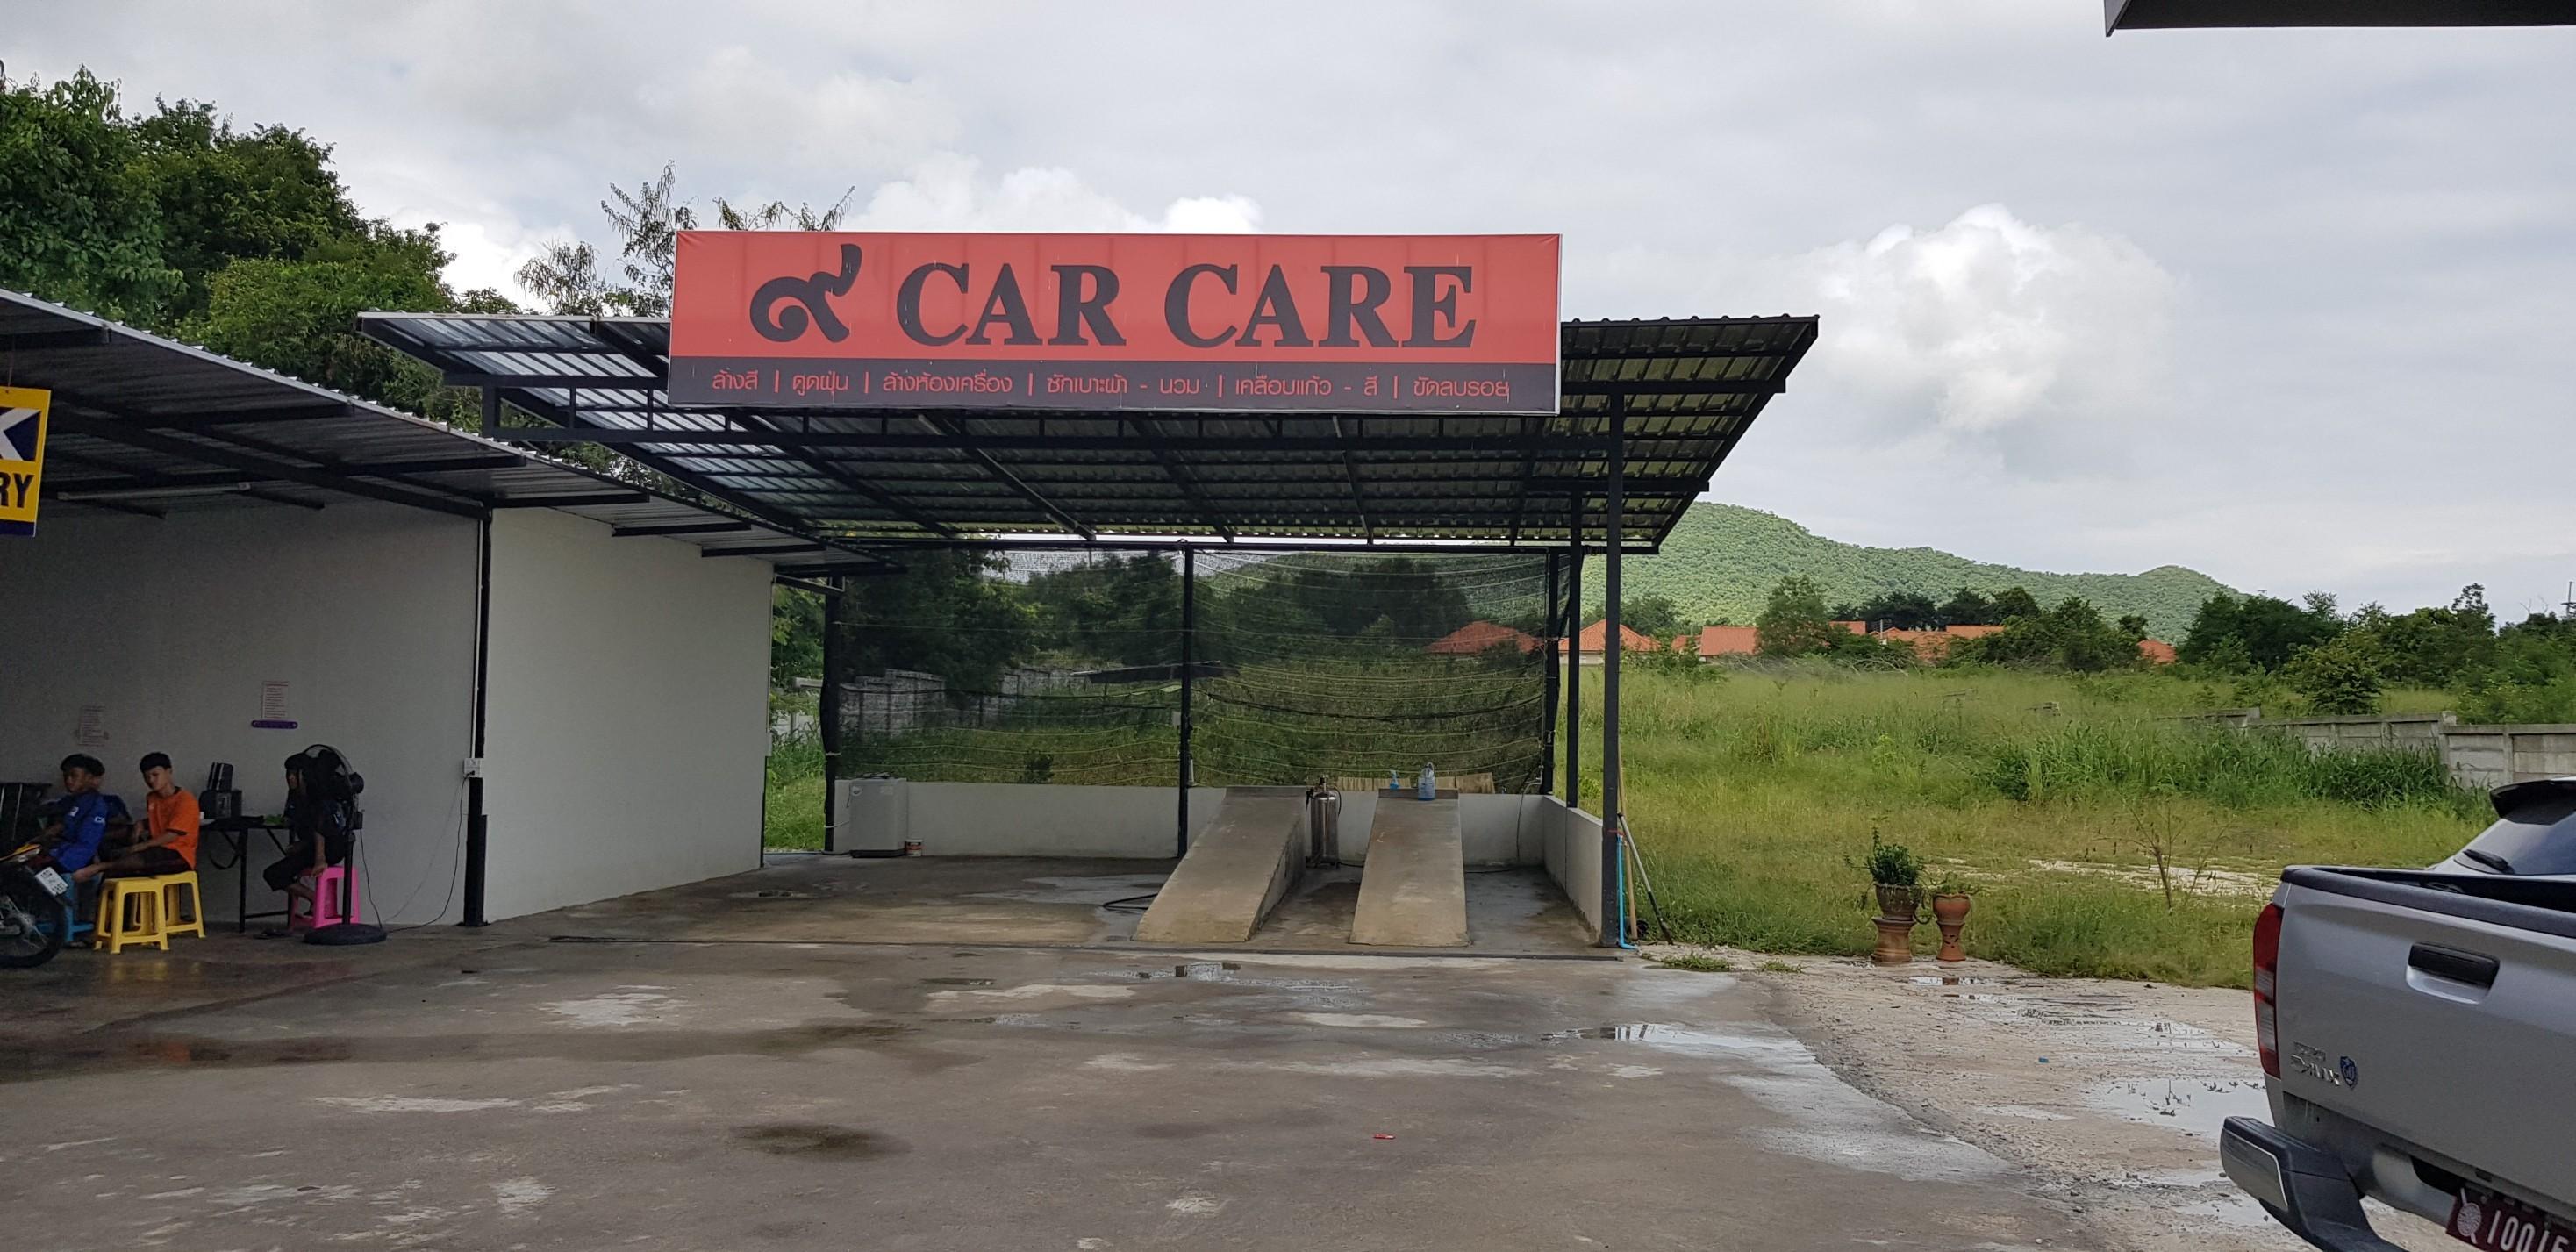 ดูงานคาร์แคร์ 9 Car Care (พัทยา)